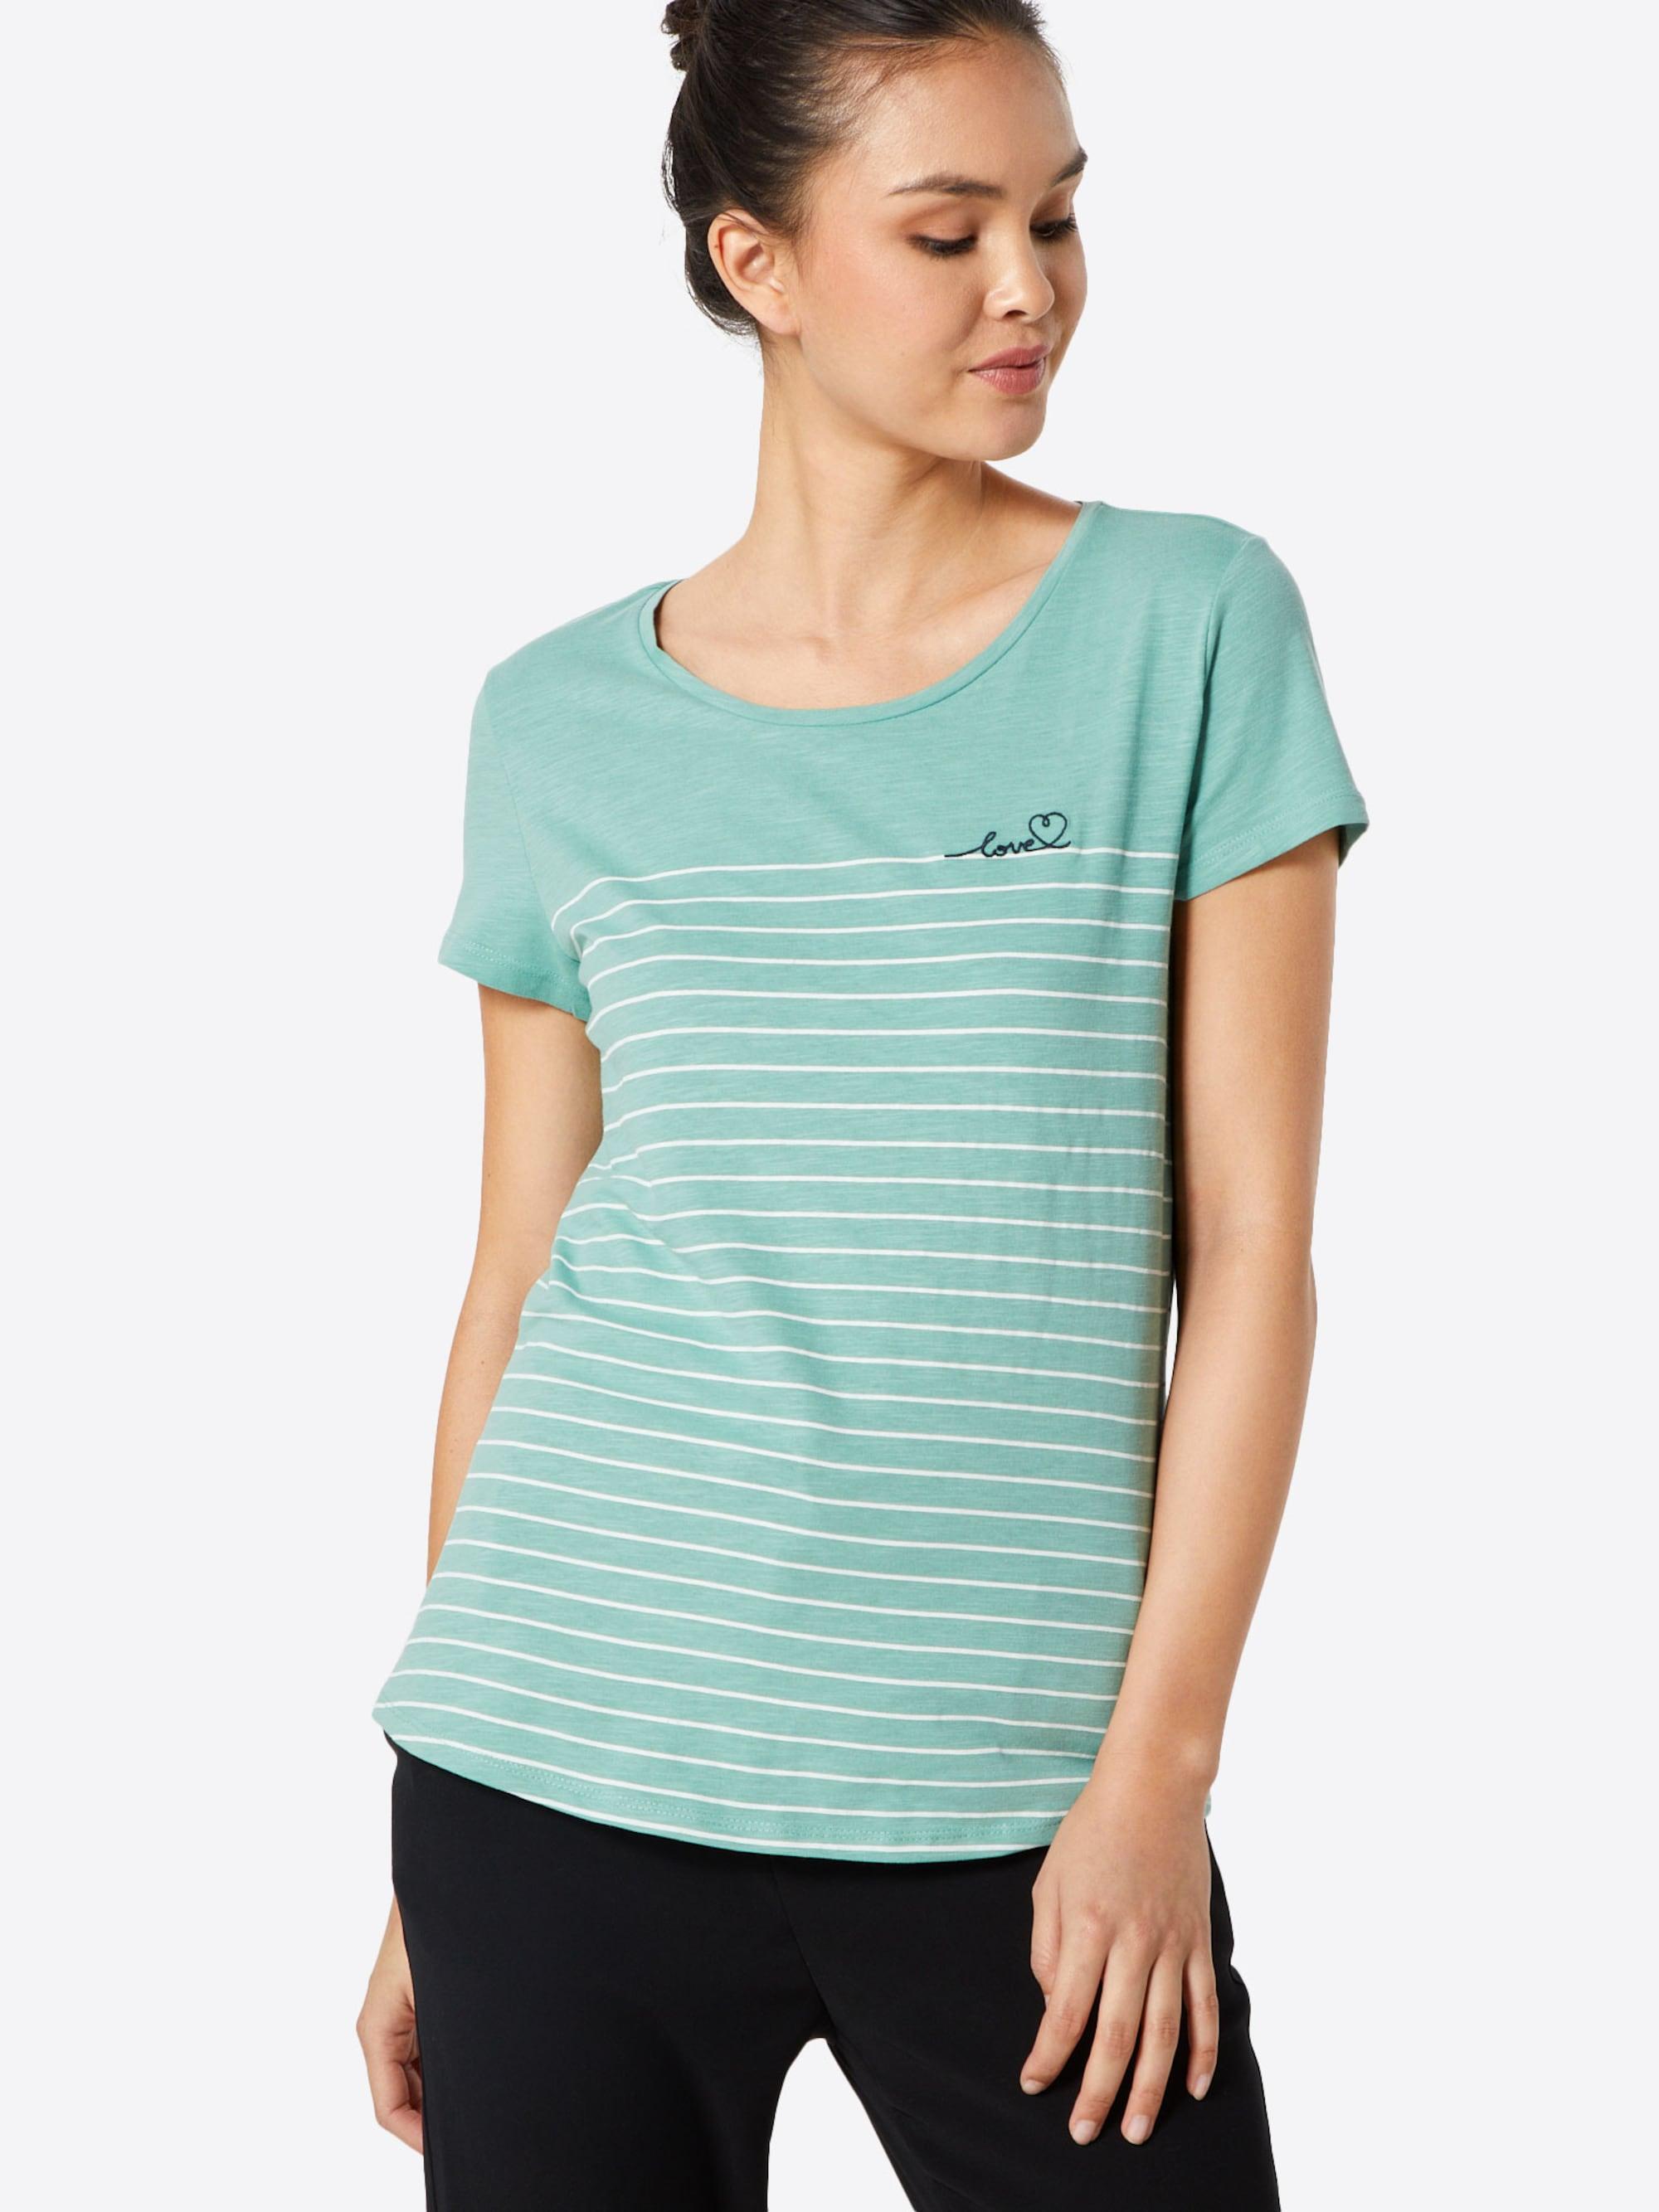 TOM TAILOR DENIM Koszulka  zielony / biały